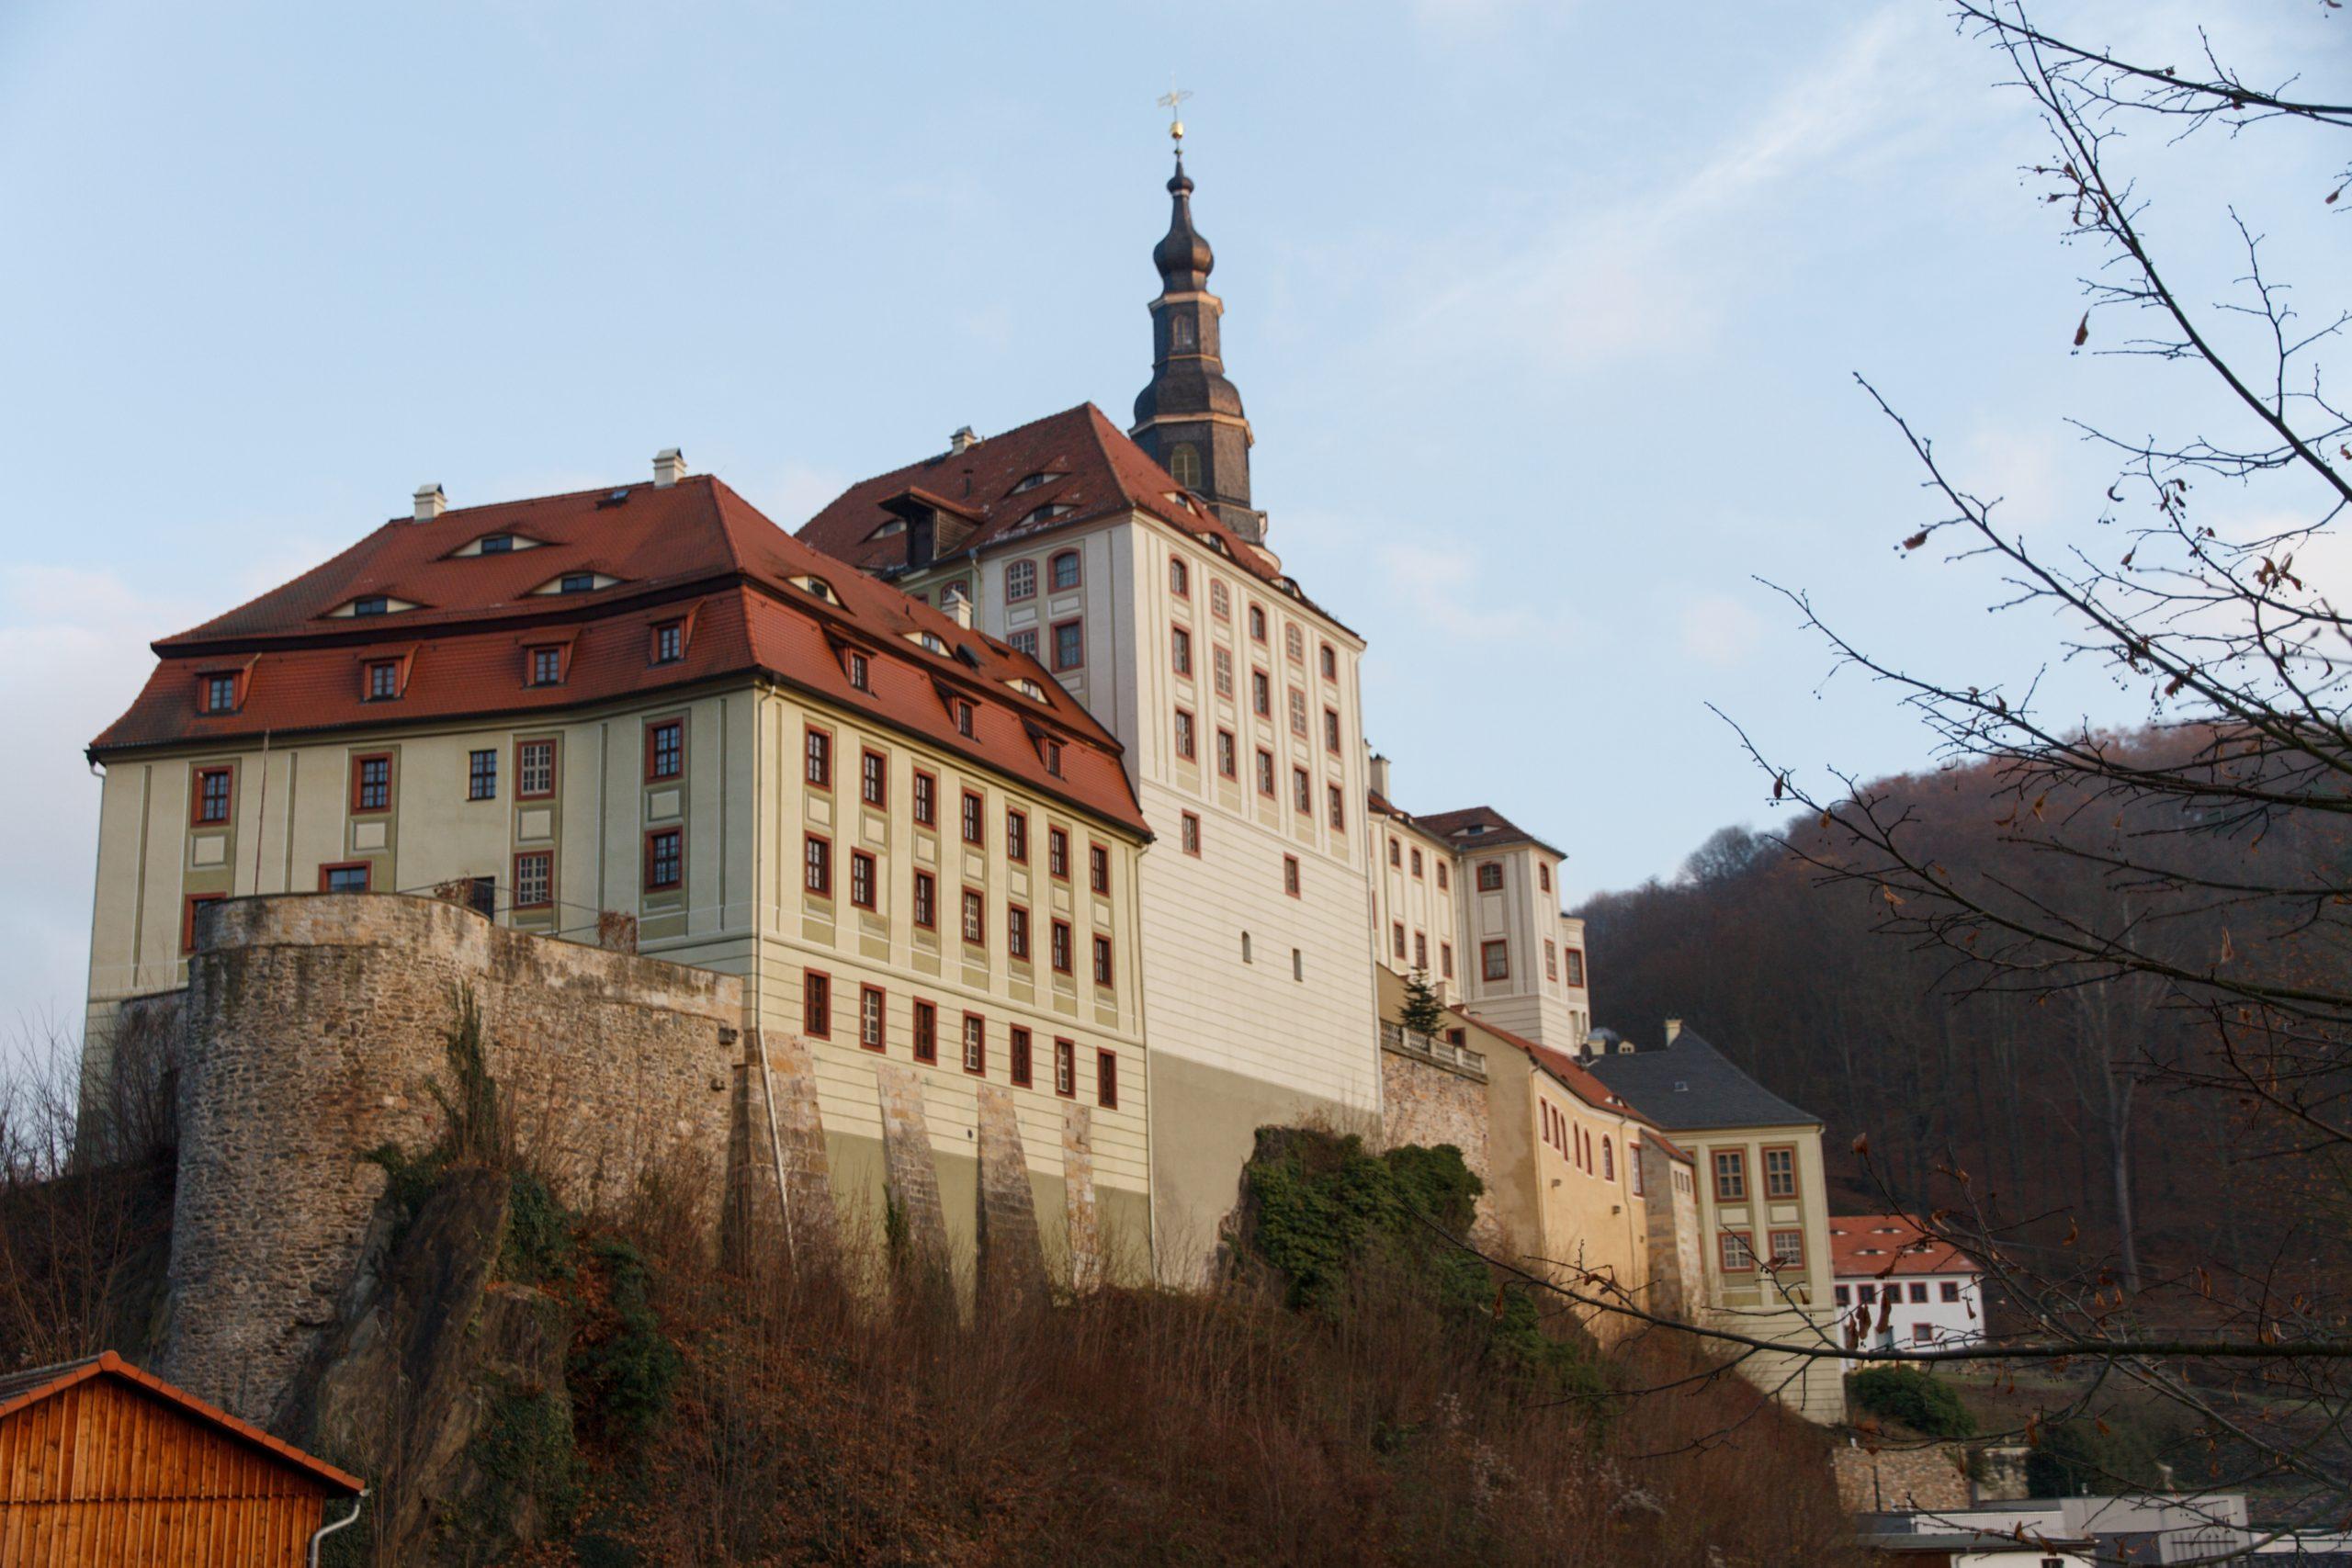 Schloß Weesenstein